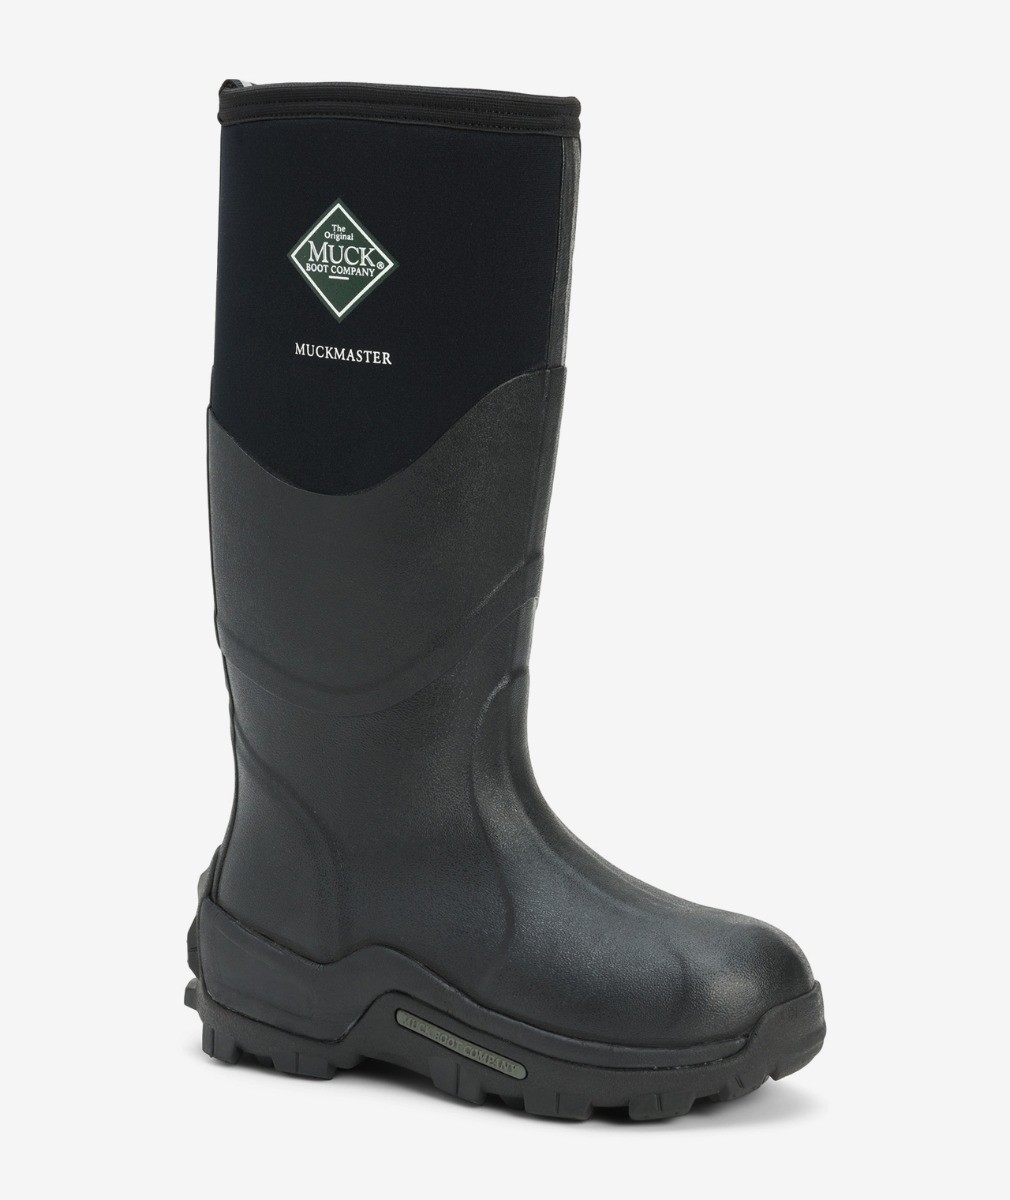 Muck Boot Men's Muckmaster Commercial Grade High Gumboot